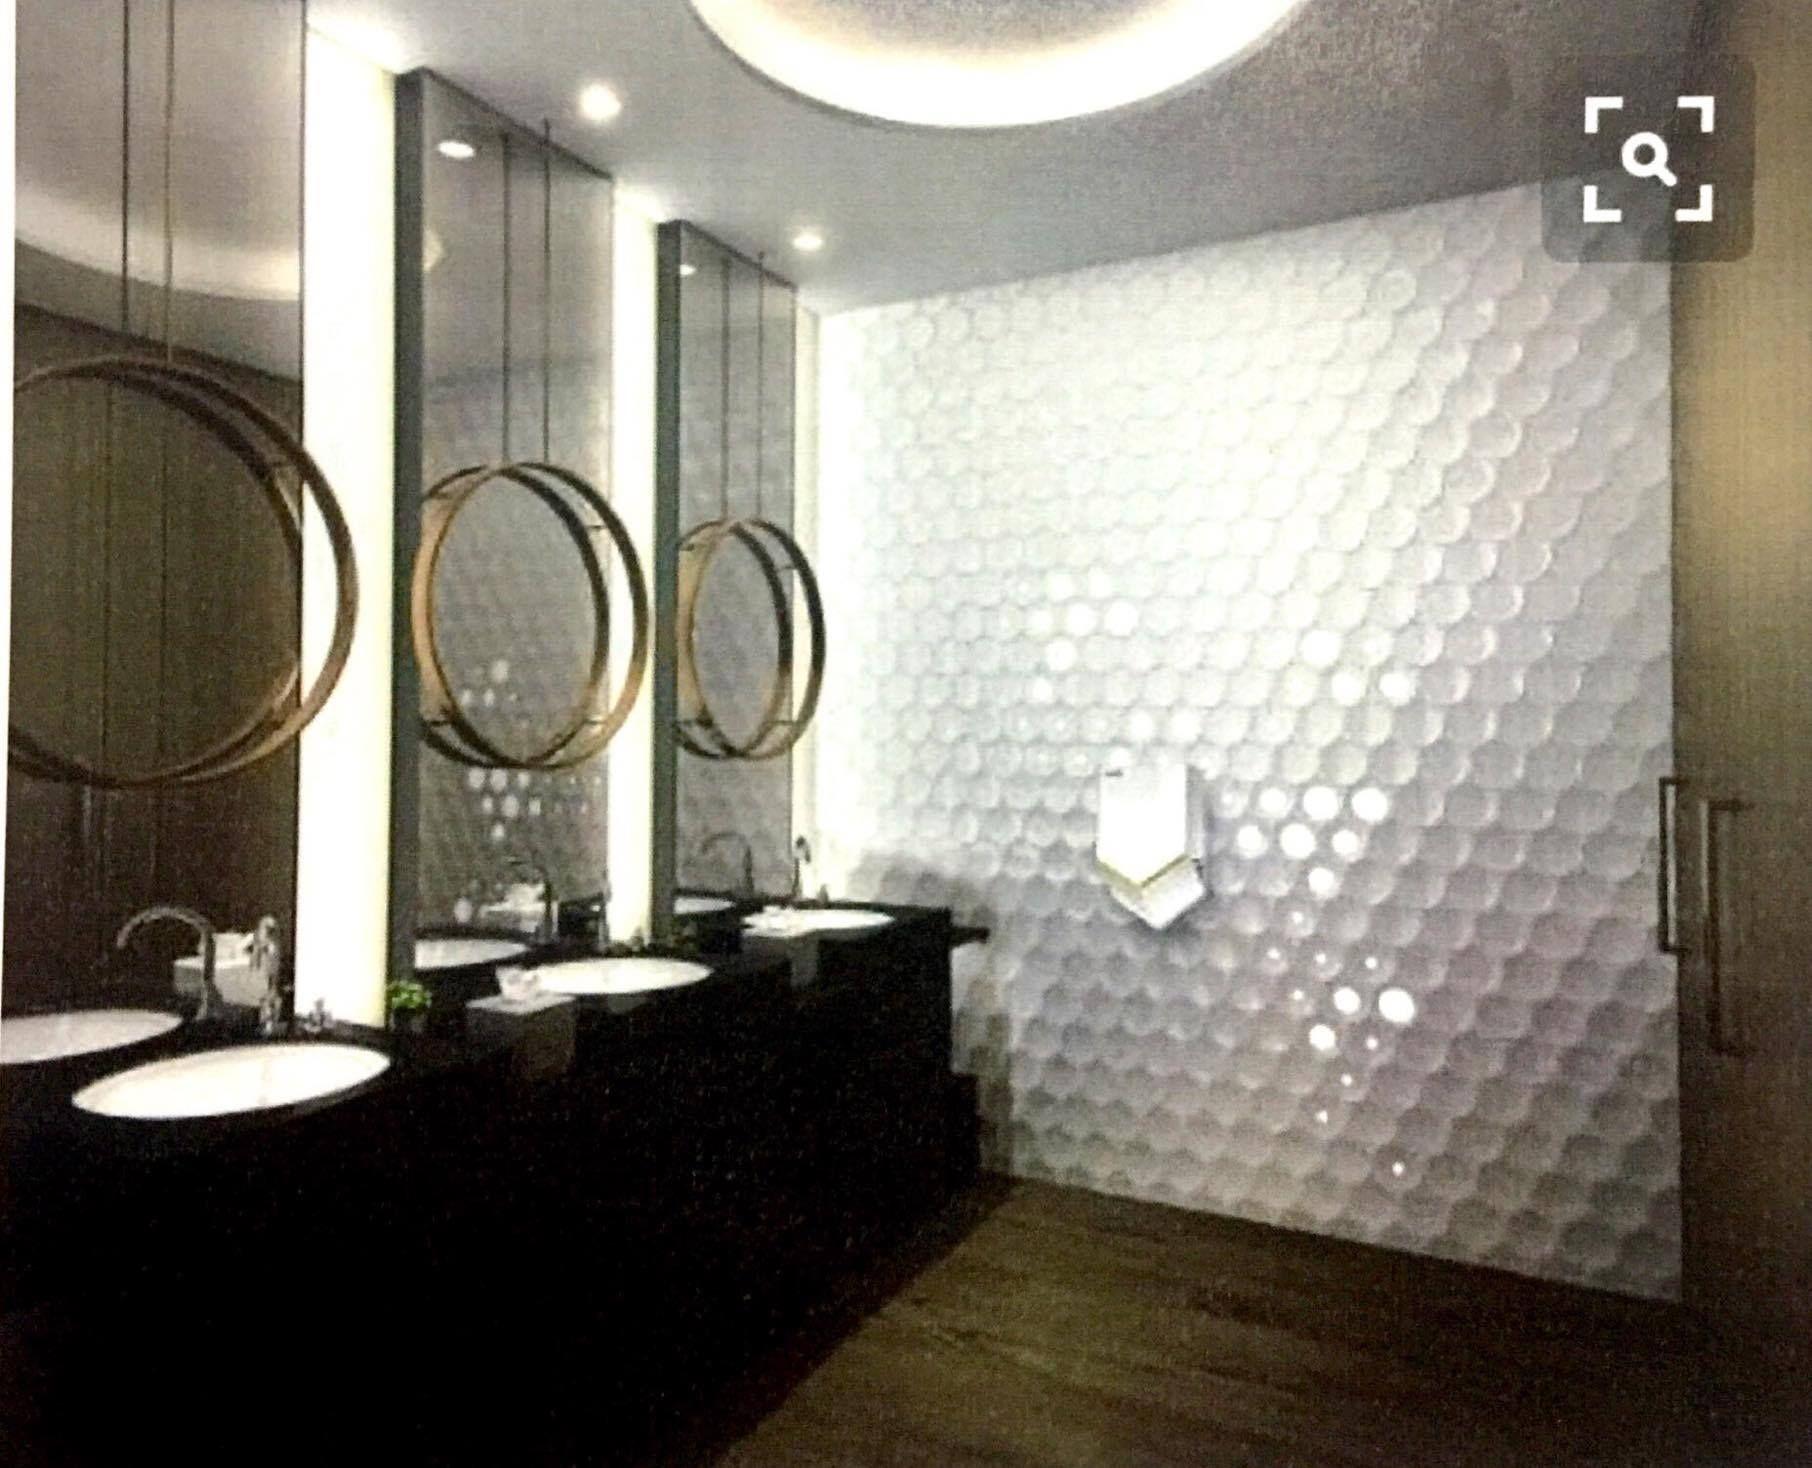 ป กพ นโดย Interior ใน Toilet ตกแต งภายใน ห องน ำ